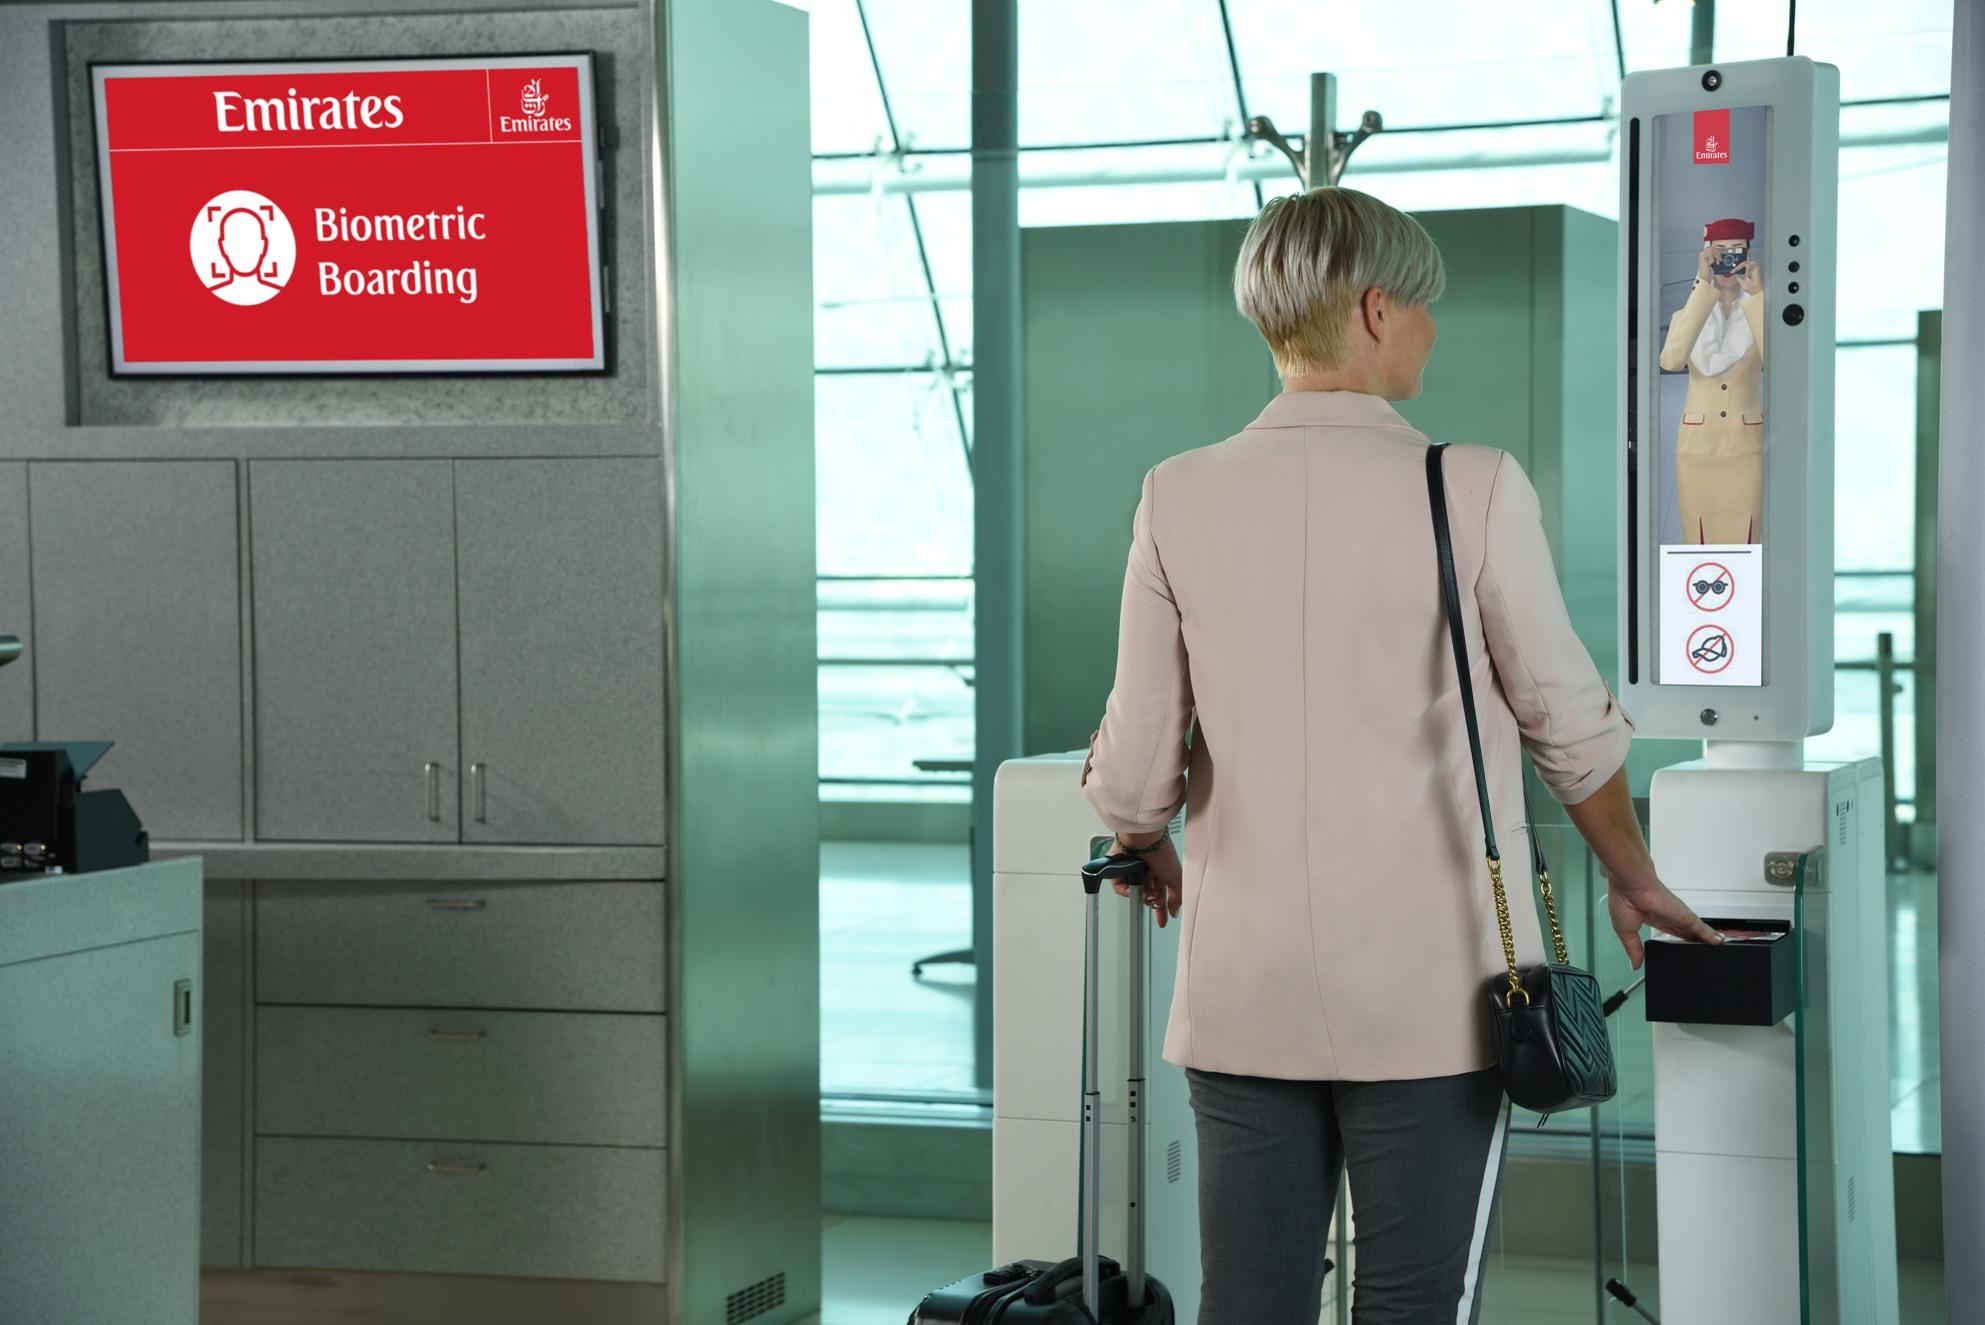 Emirates akıllı check-in özelliği ile gündemde! SDN-3